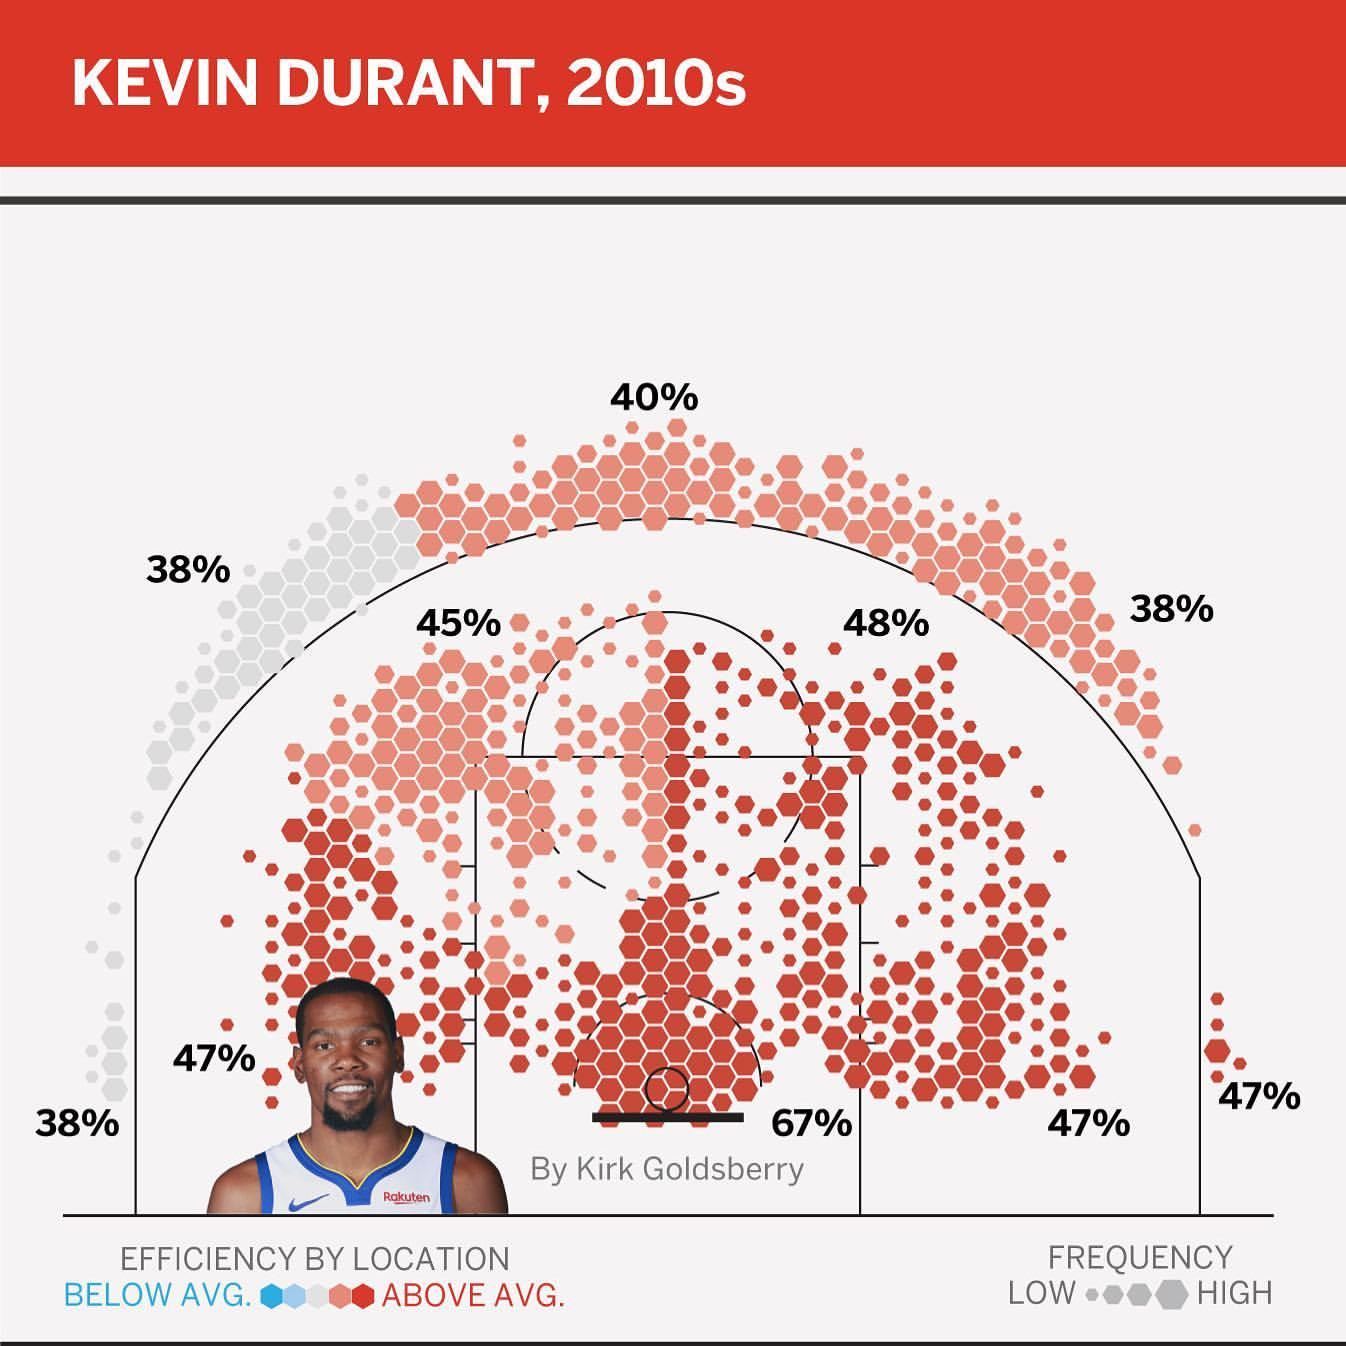 高效得分手!专家制作杜兰特最近十年投篮热点区亚博棋牌娱乐域图